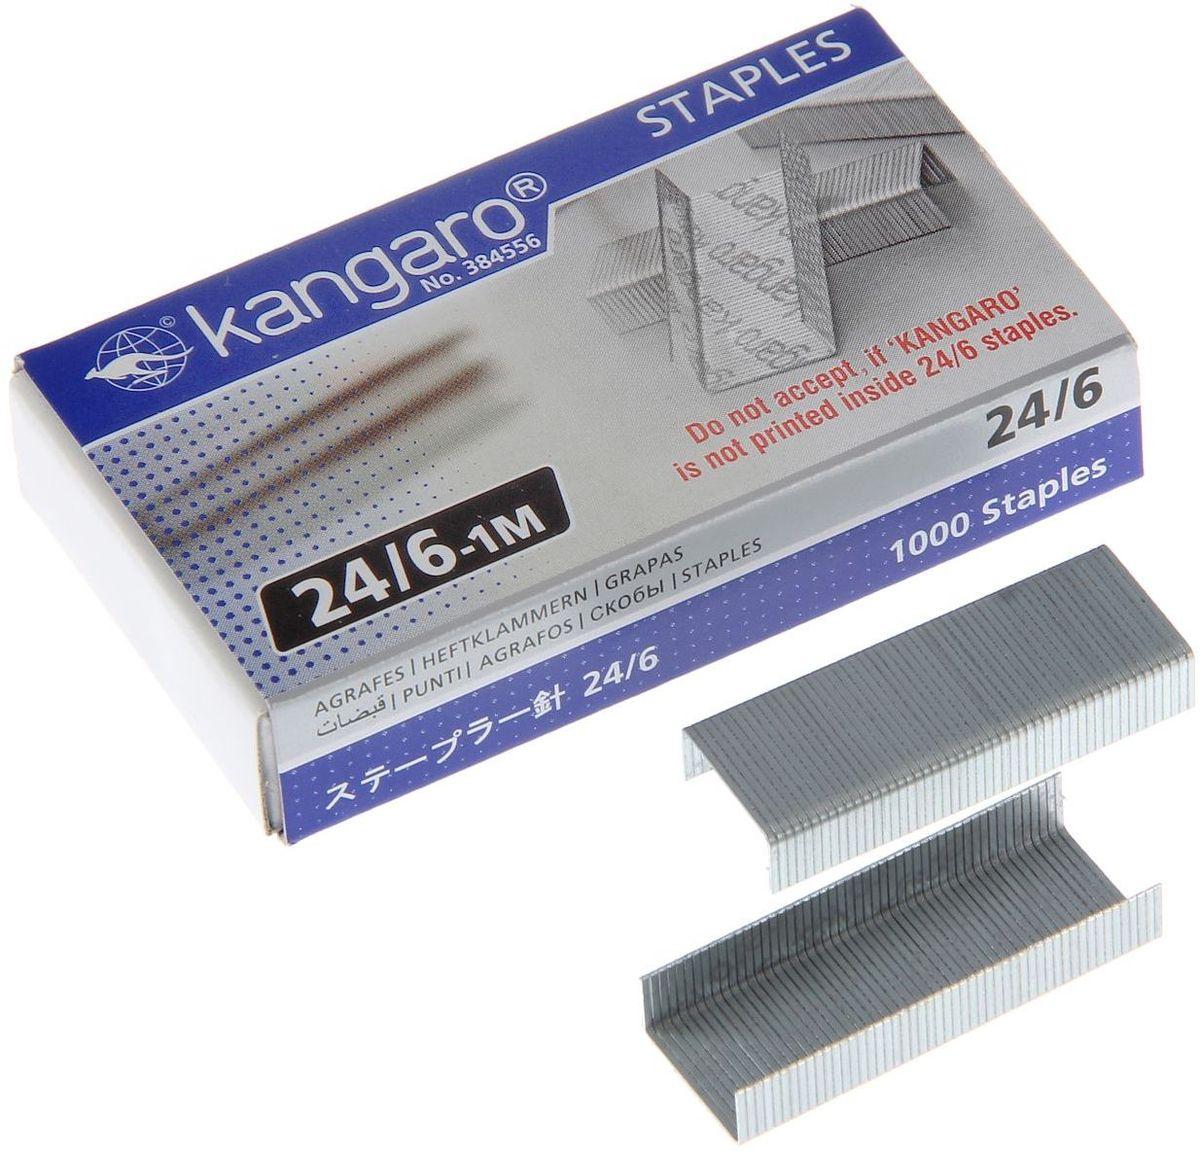 Kangaro Скобы для степлера №24/6 1000 шт1239278Скобы для степлеров Kangaro изготовлены из высококачественной стали, не гнутся при пробивании листа.